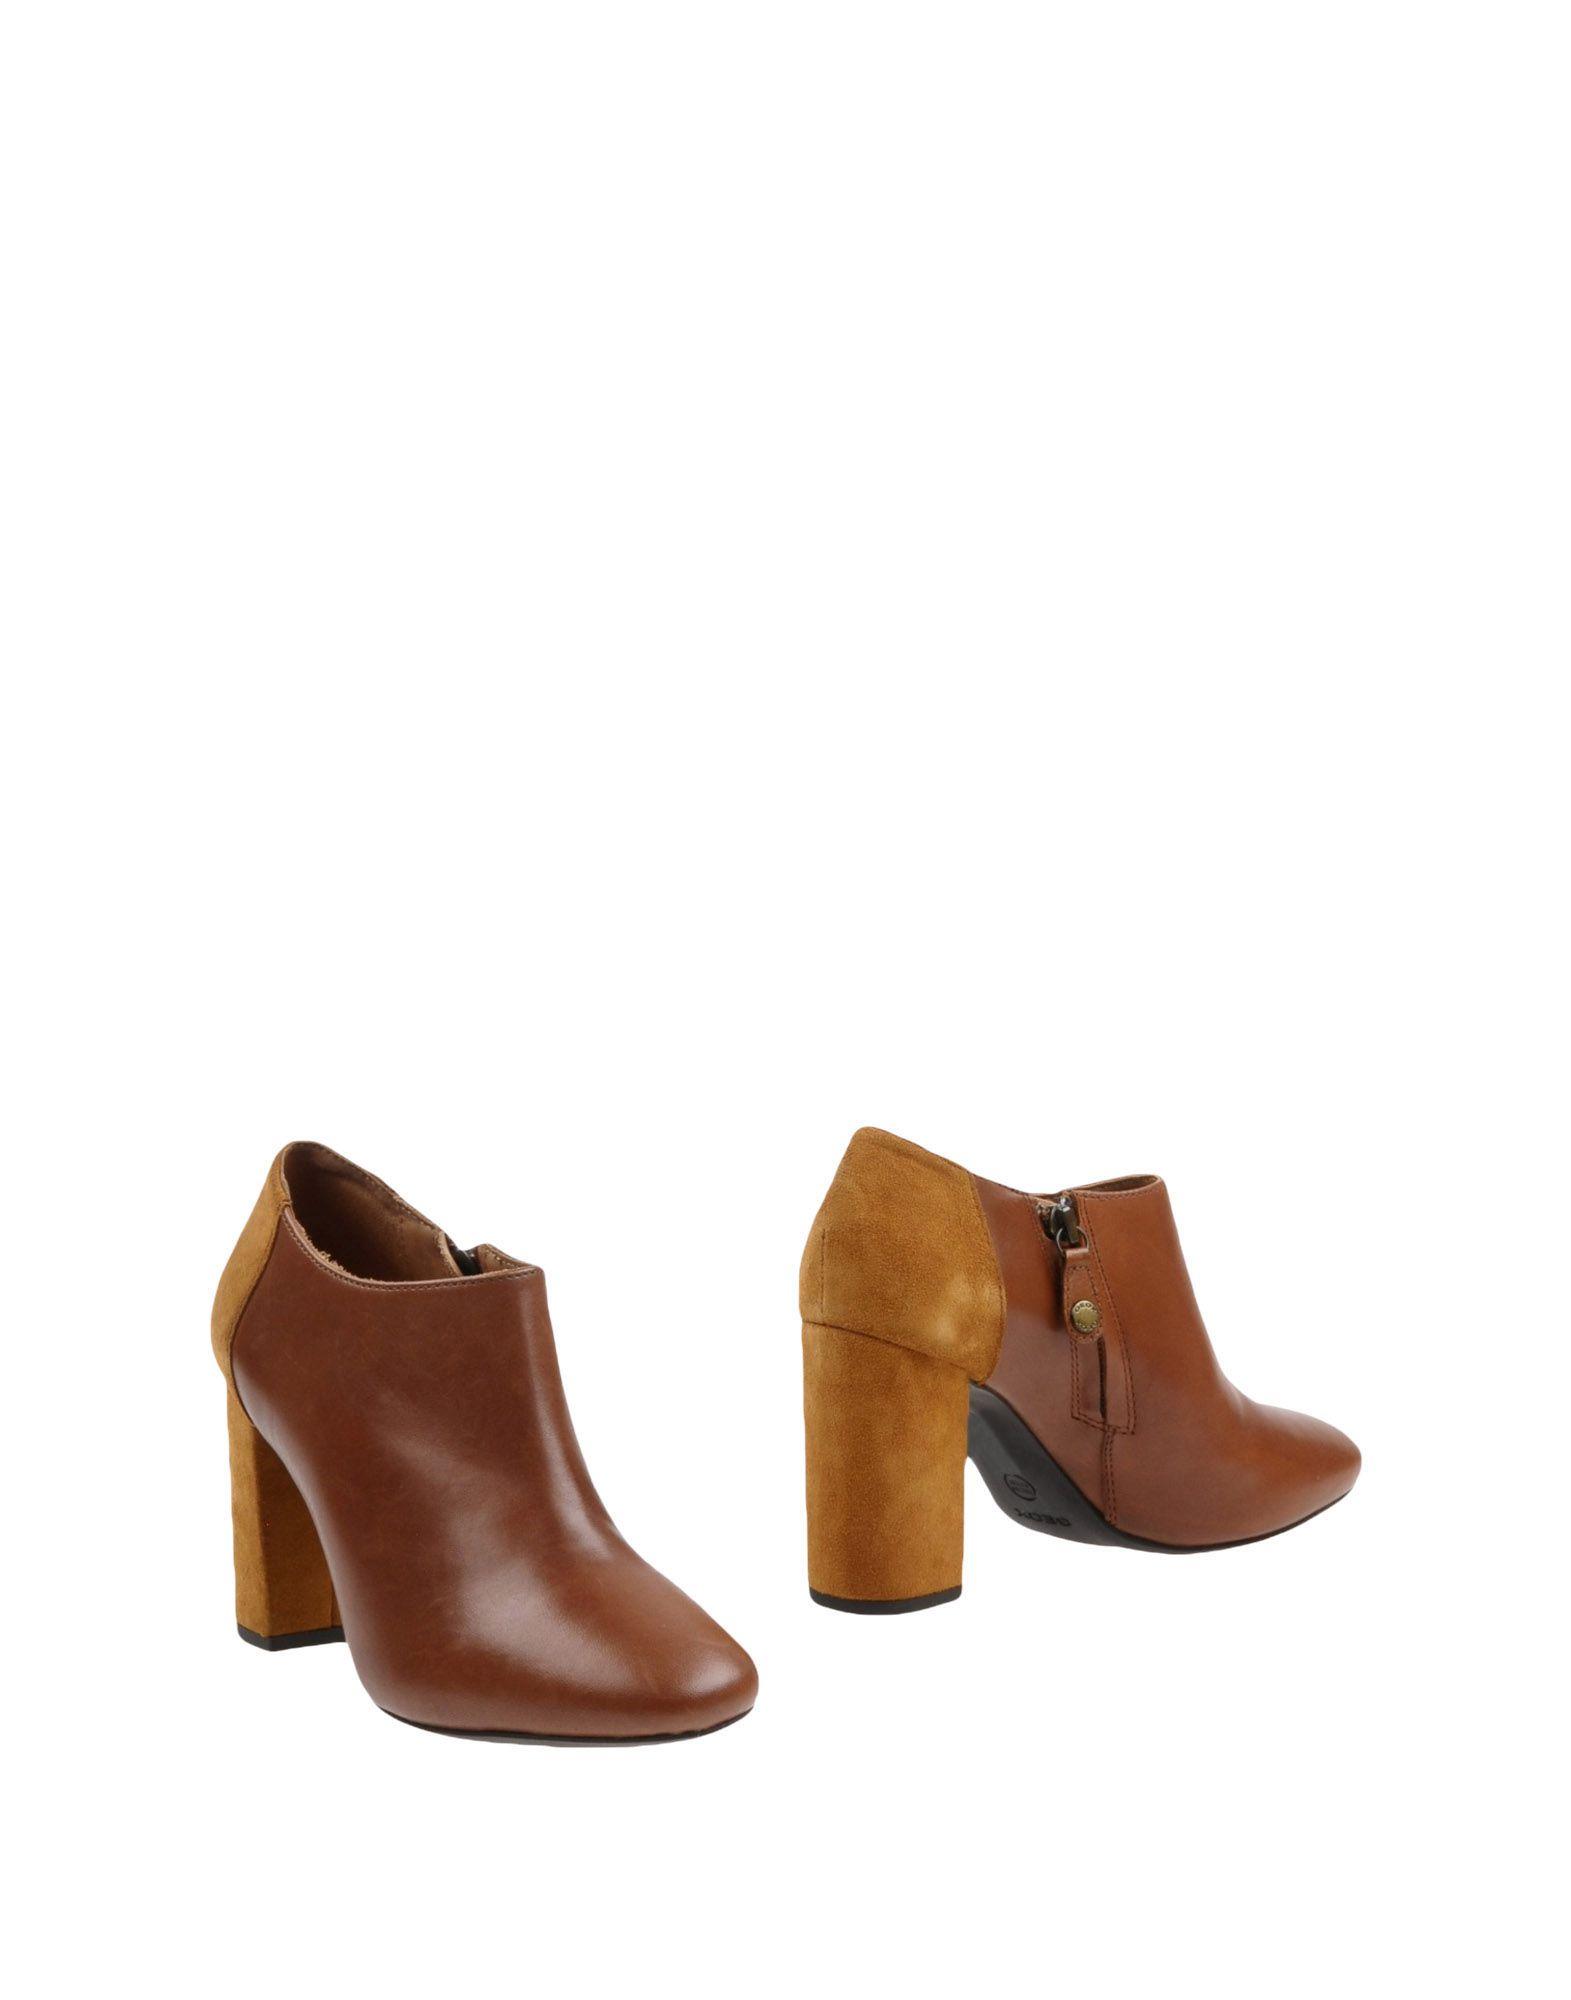 Geox Stiefelette Damen  11252408EH Gute Qualität beliebte Schuhe